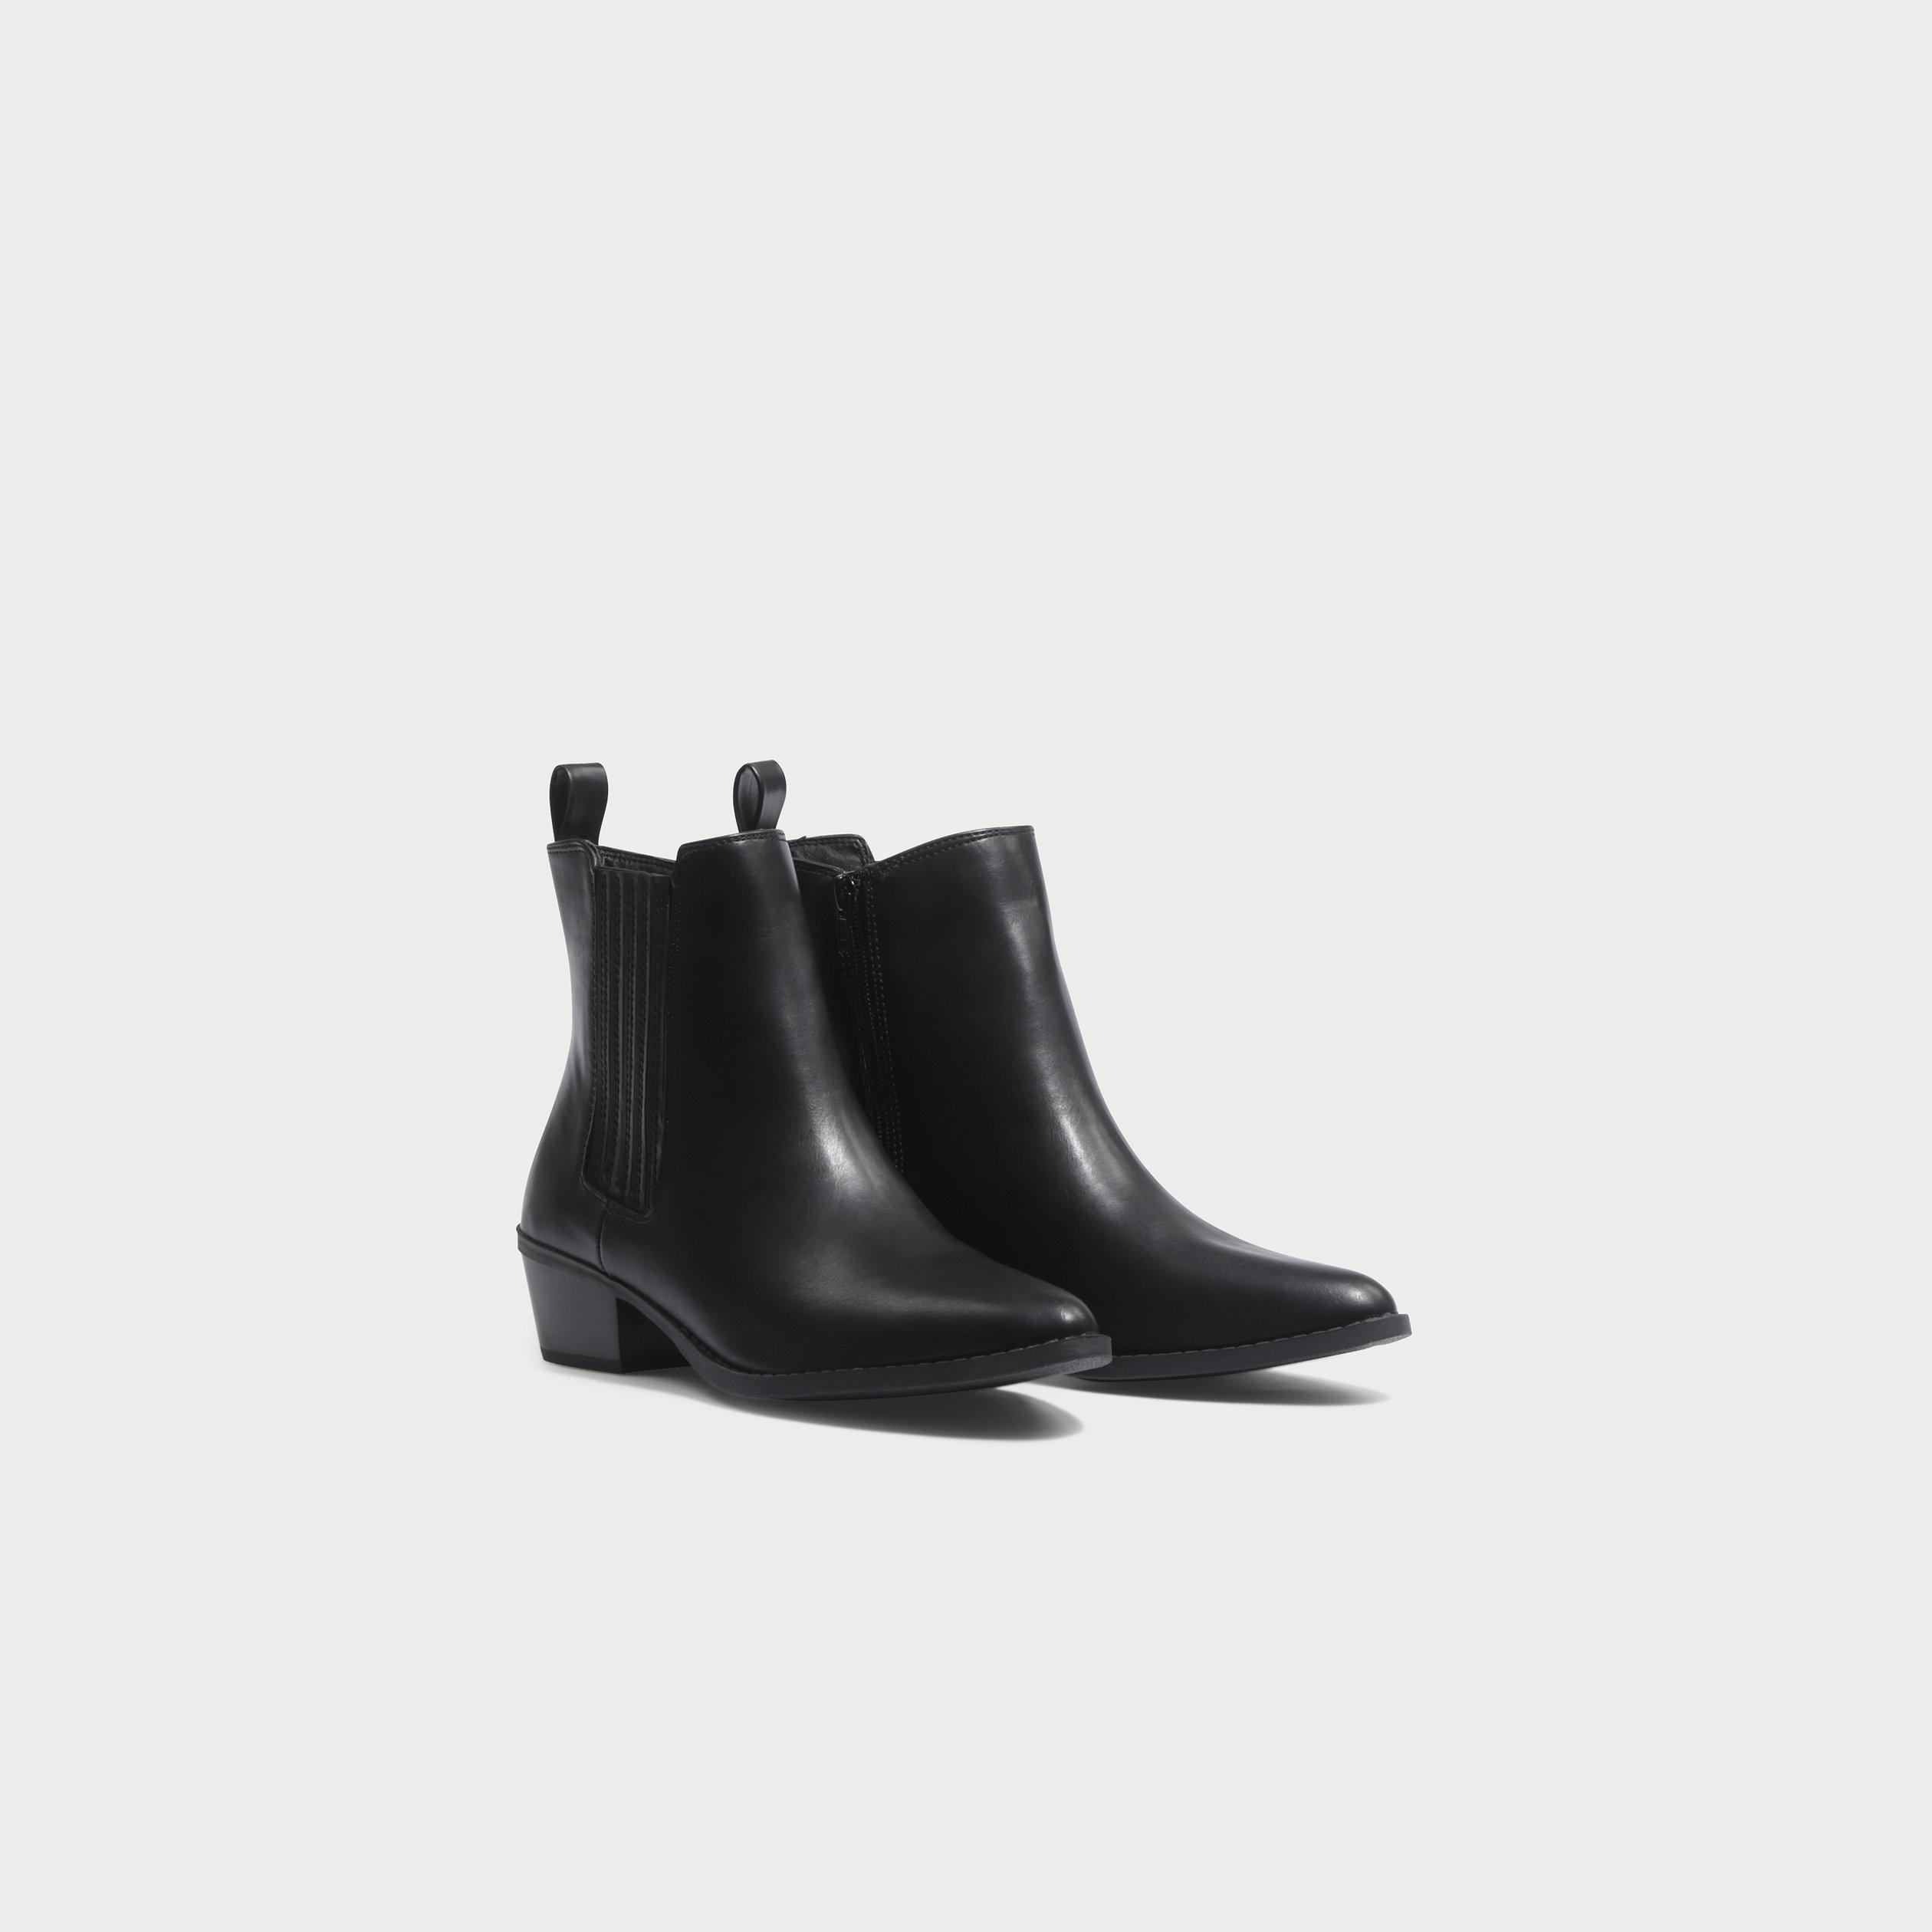 courir chaussures recherche de véritables classcic Bottines style santiags noir femme